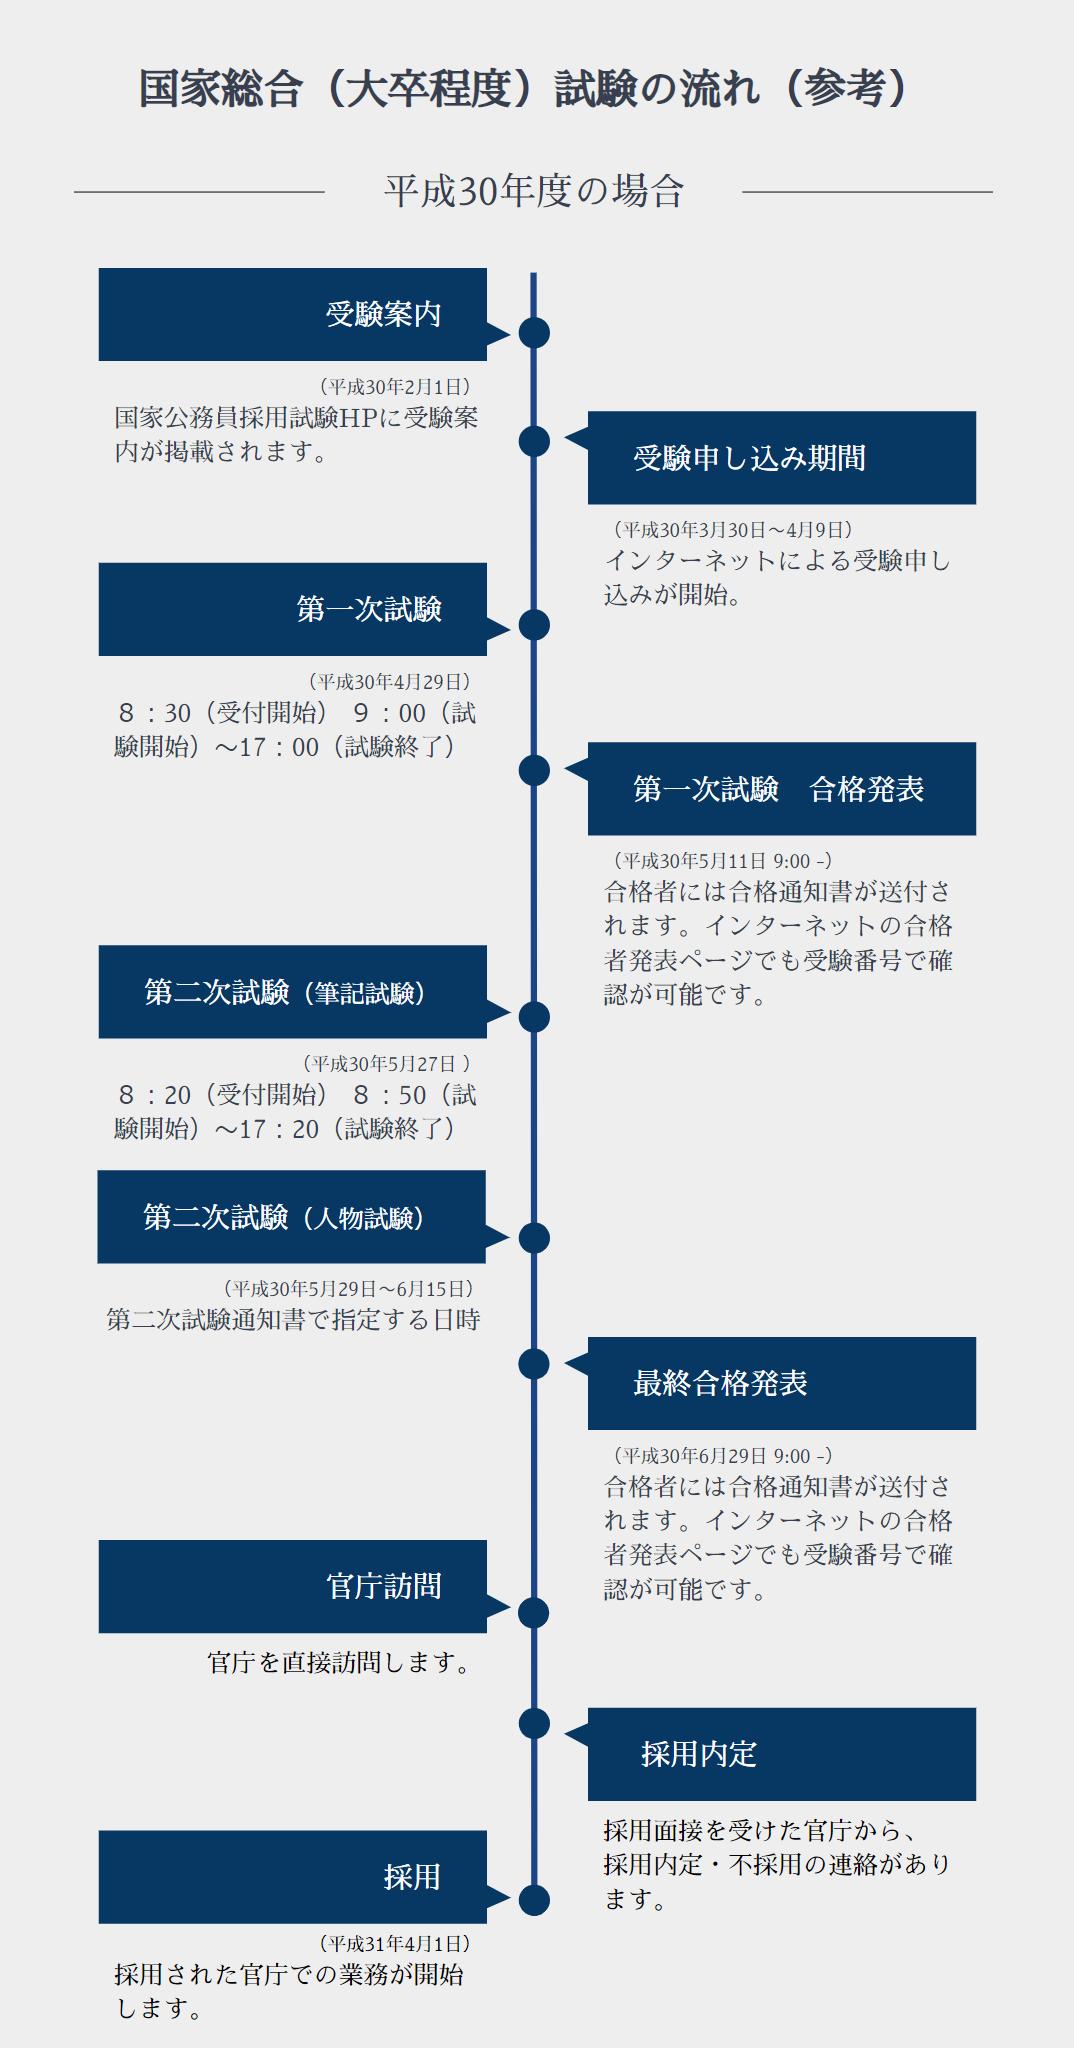 国家総合 試験の流れ イメージ画像